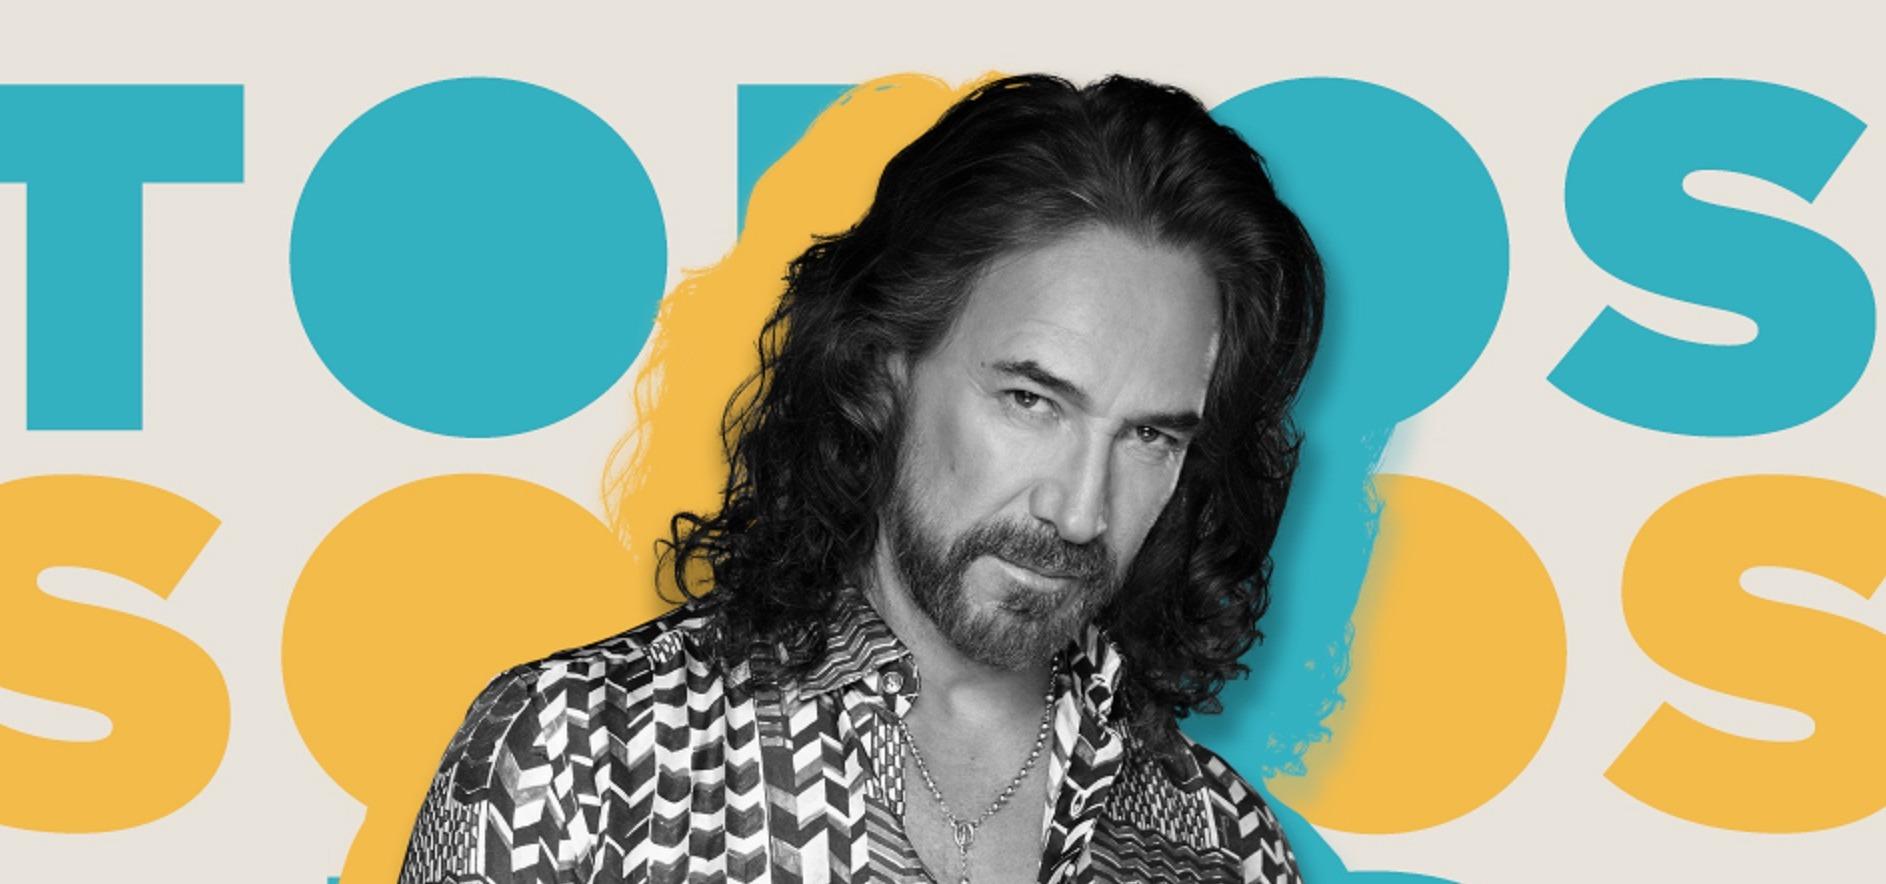 Marco Antonio Solís celebrará sus más de 40 años de carrera en compañía de grandes artistas invitados durante su concierto en CDMX, Guadalajara y Monterrey